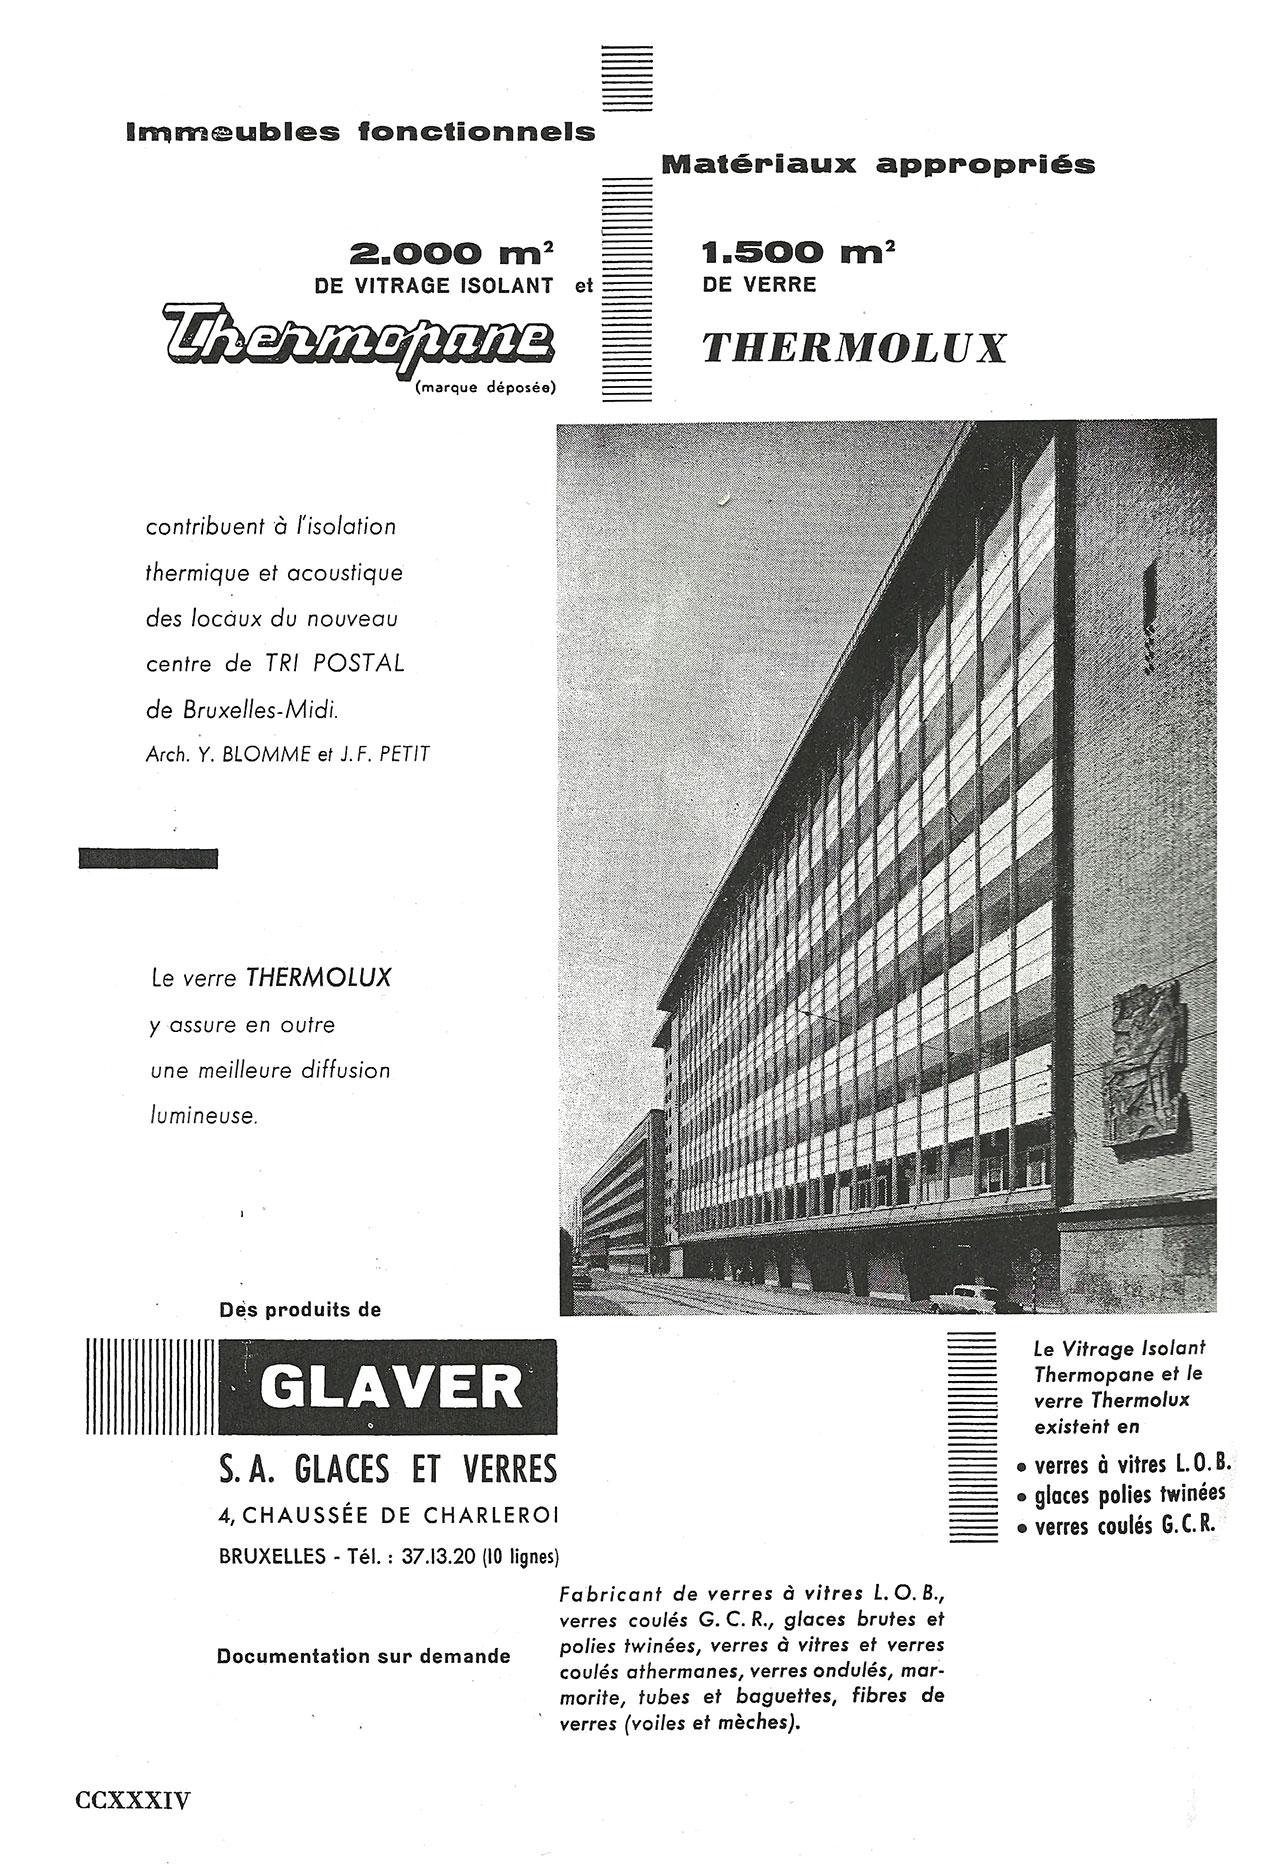 Thermopane, Thermolux